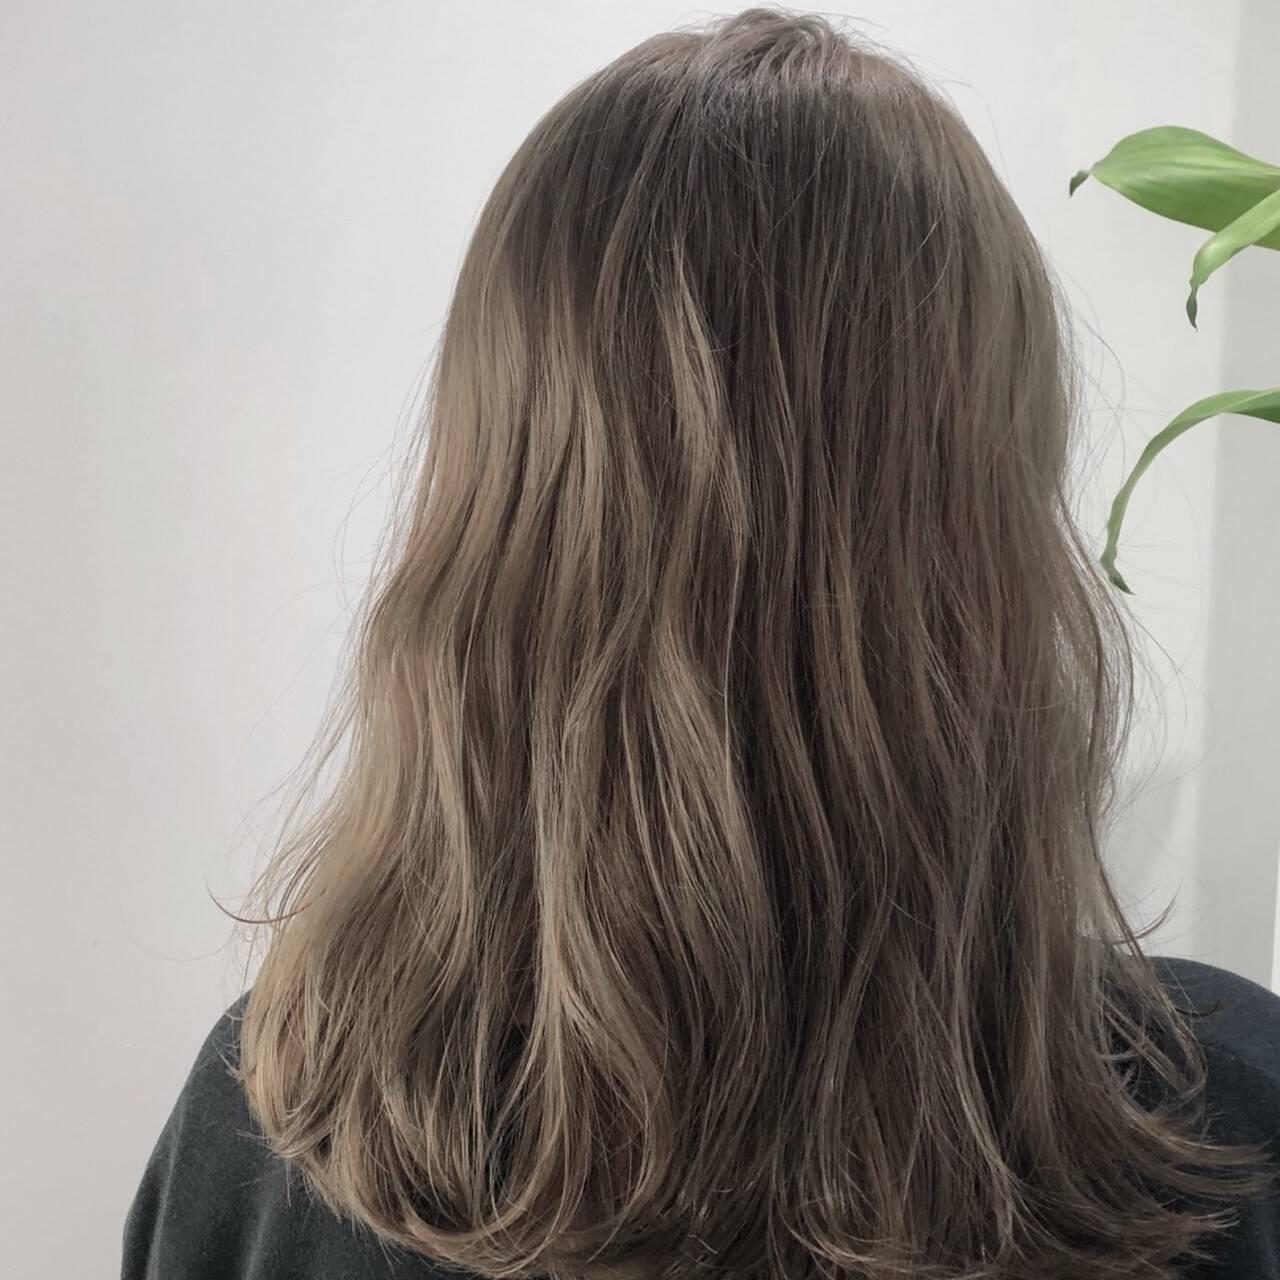 イルミナカラー ウェーブ ナチュラル ベージュヘアスタイルや髪型の写真・画像